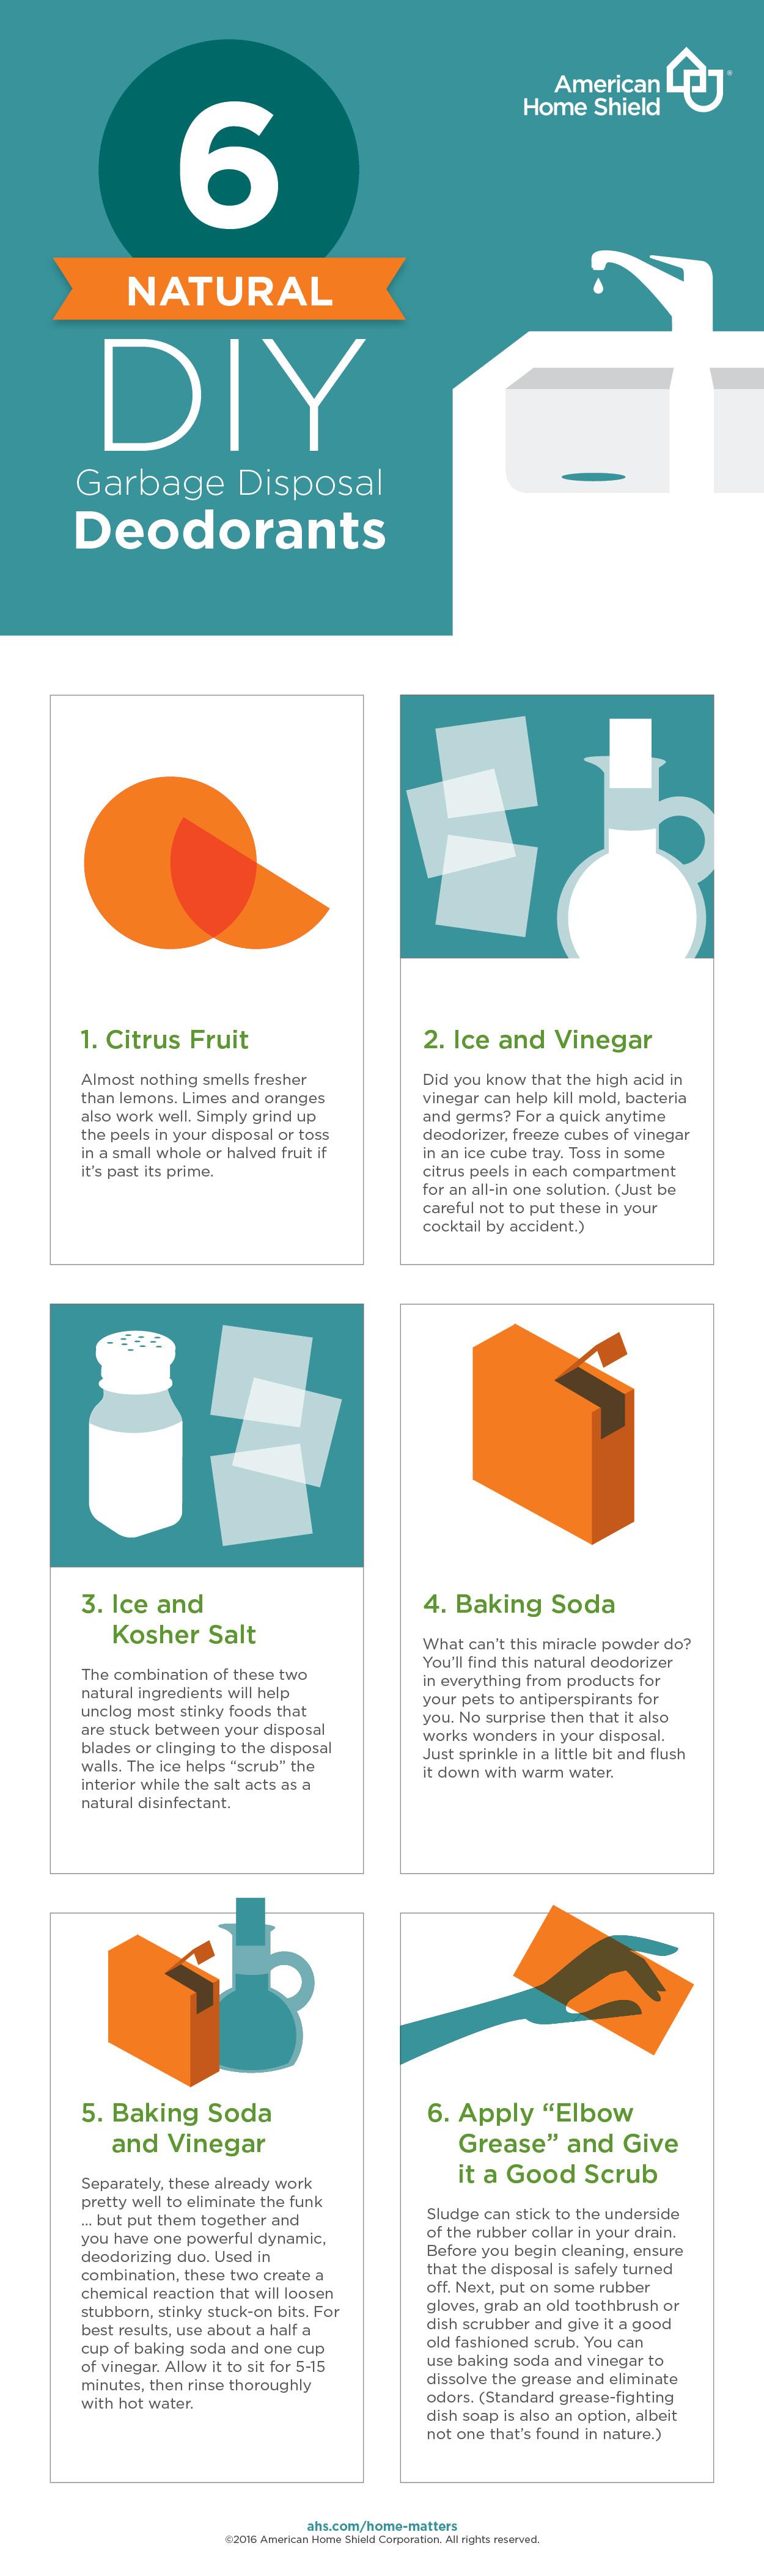 6 desodorantes naturales para la eliminación de basura casera